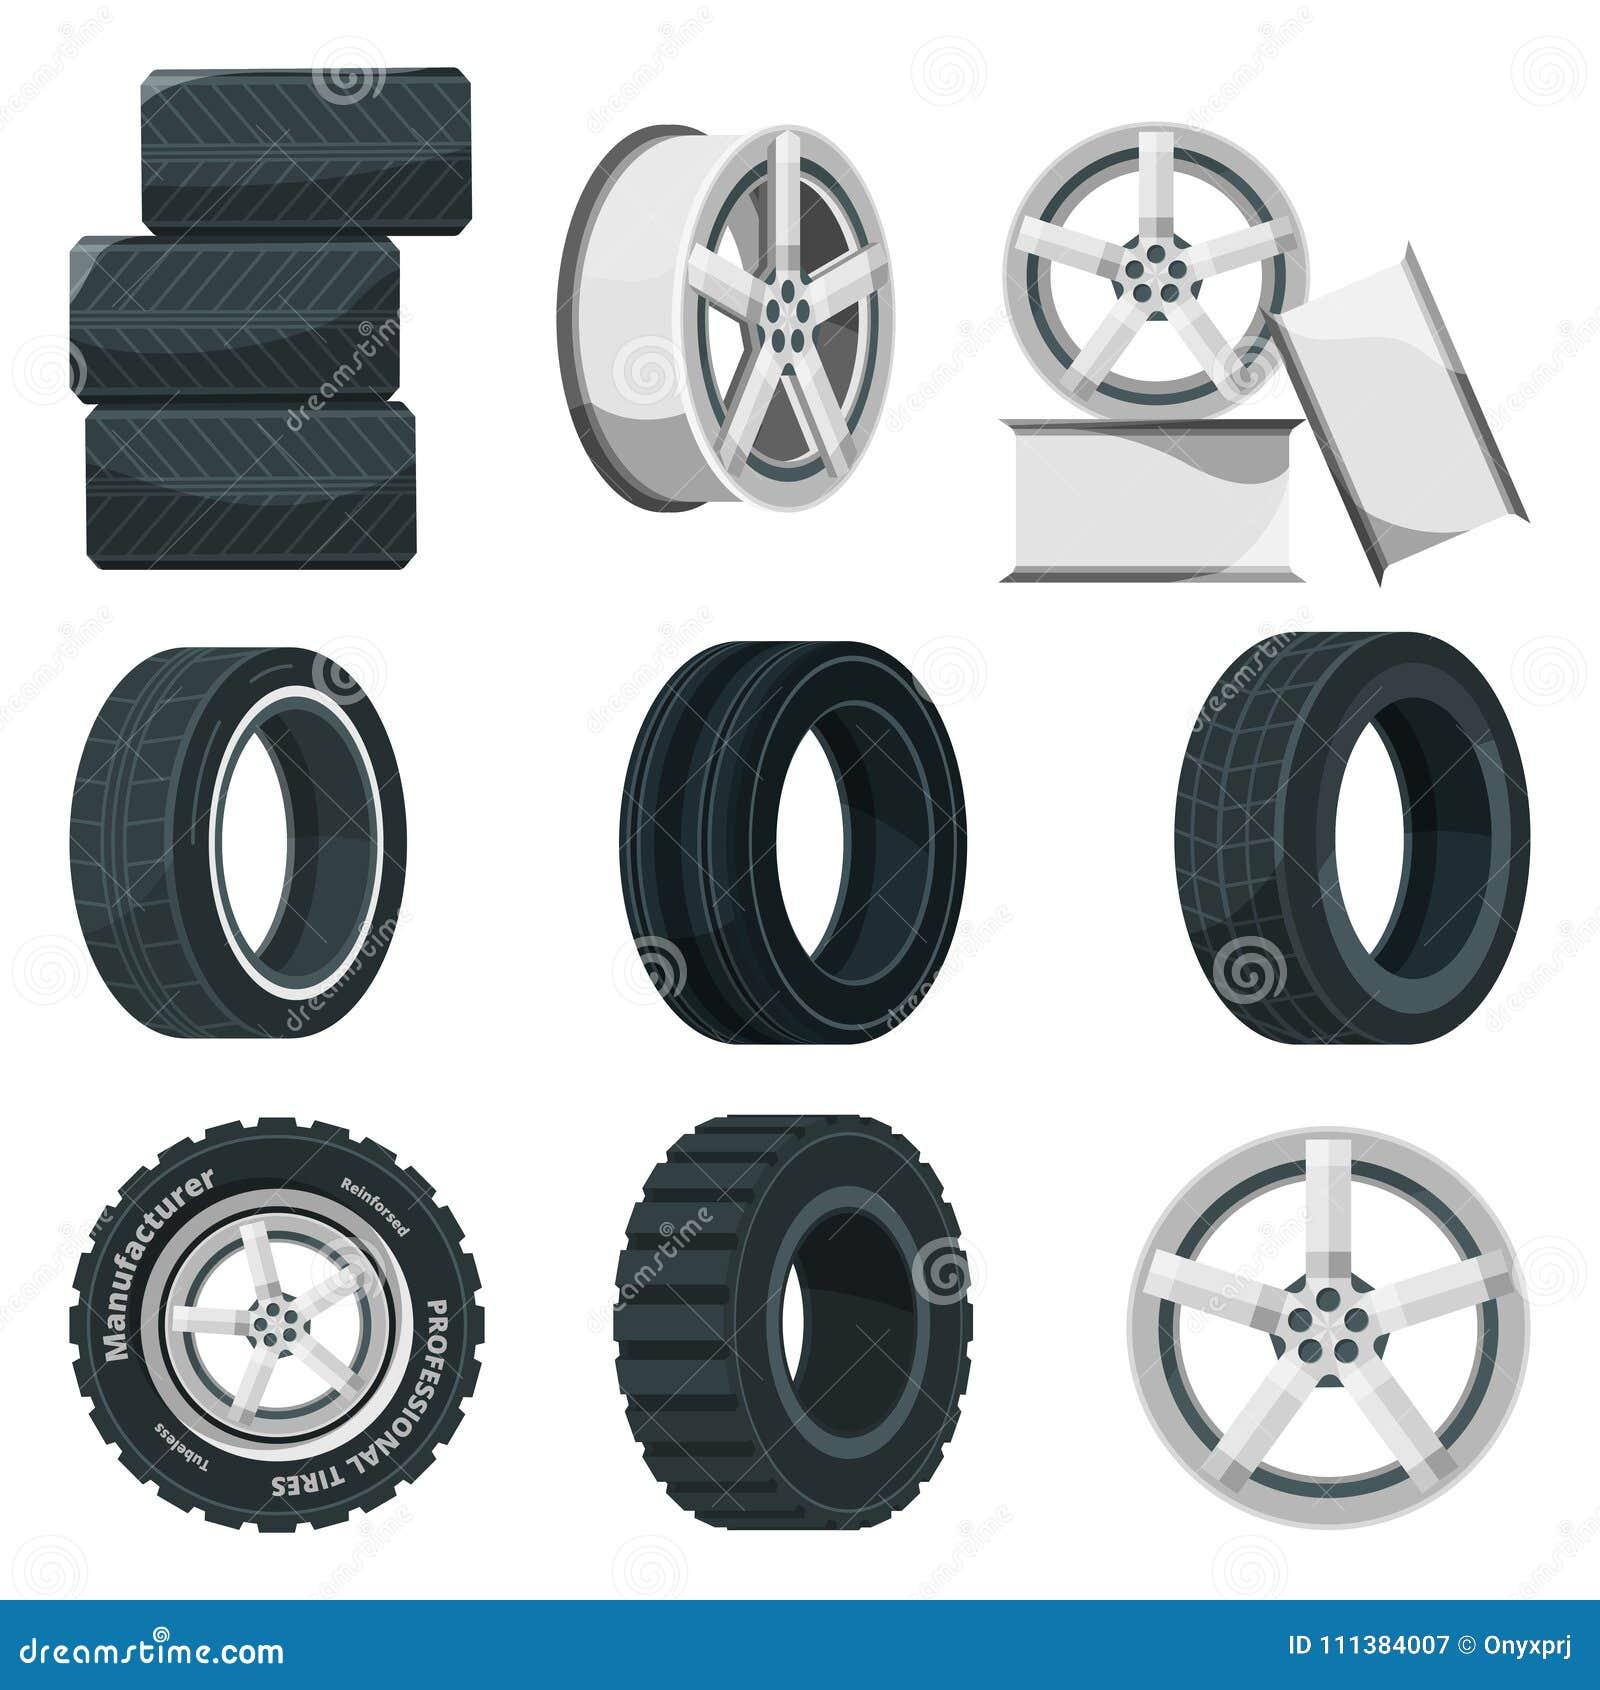 Ikonensatz verschiedene Scheiben für Räder und Reifen Vektorbilder eingestellt in Karikaturart